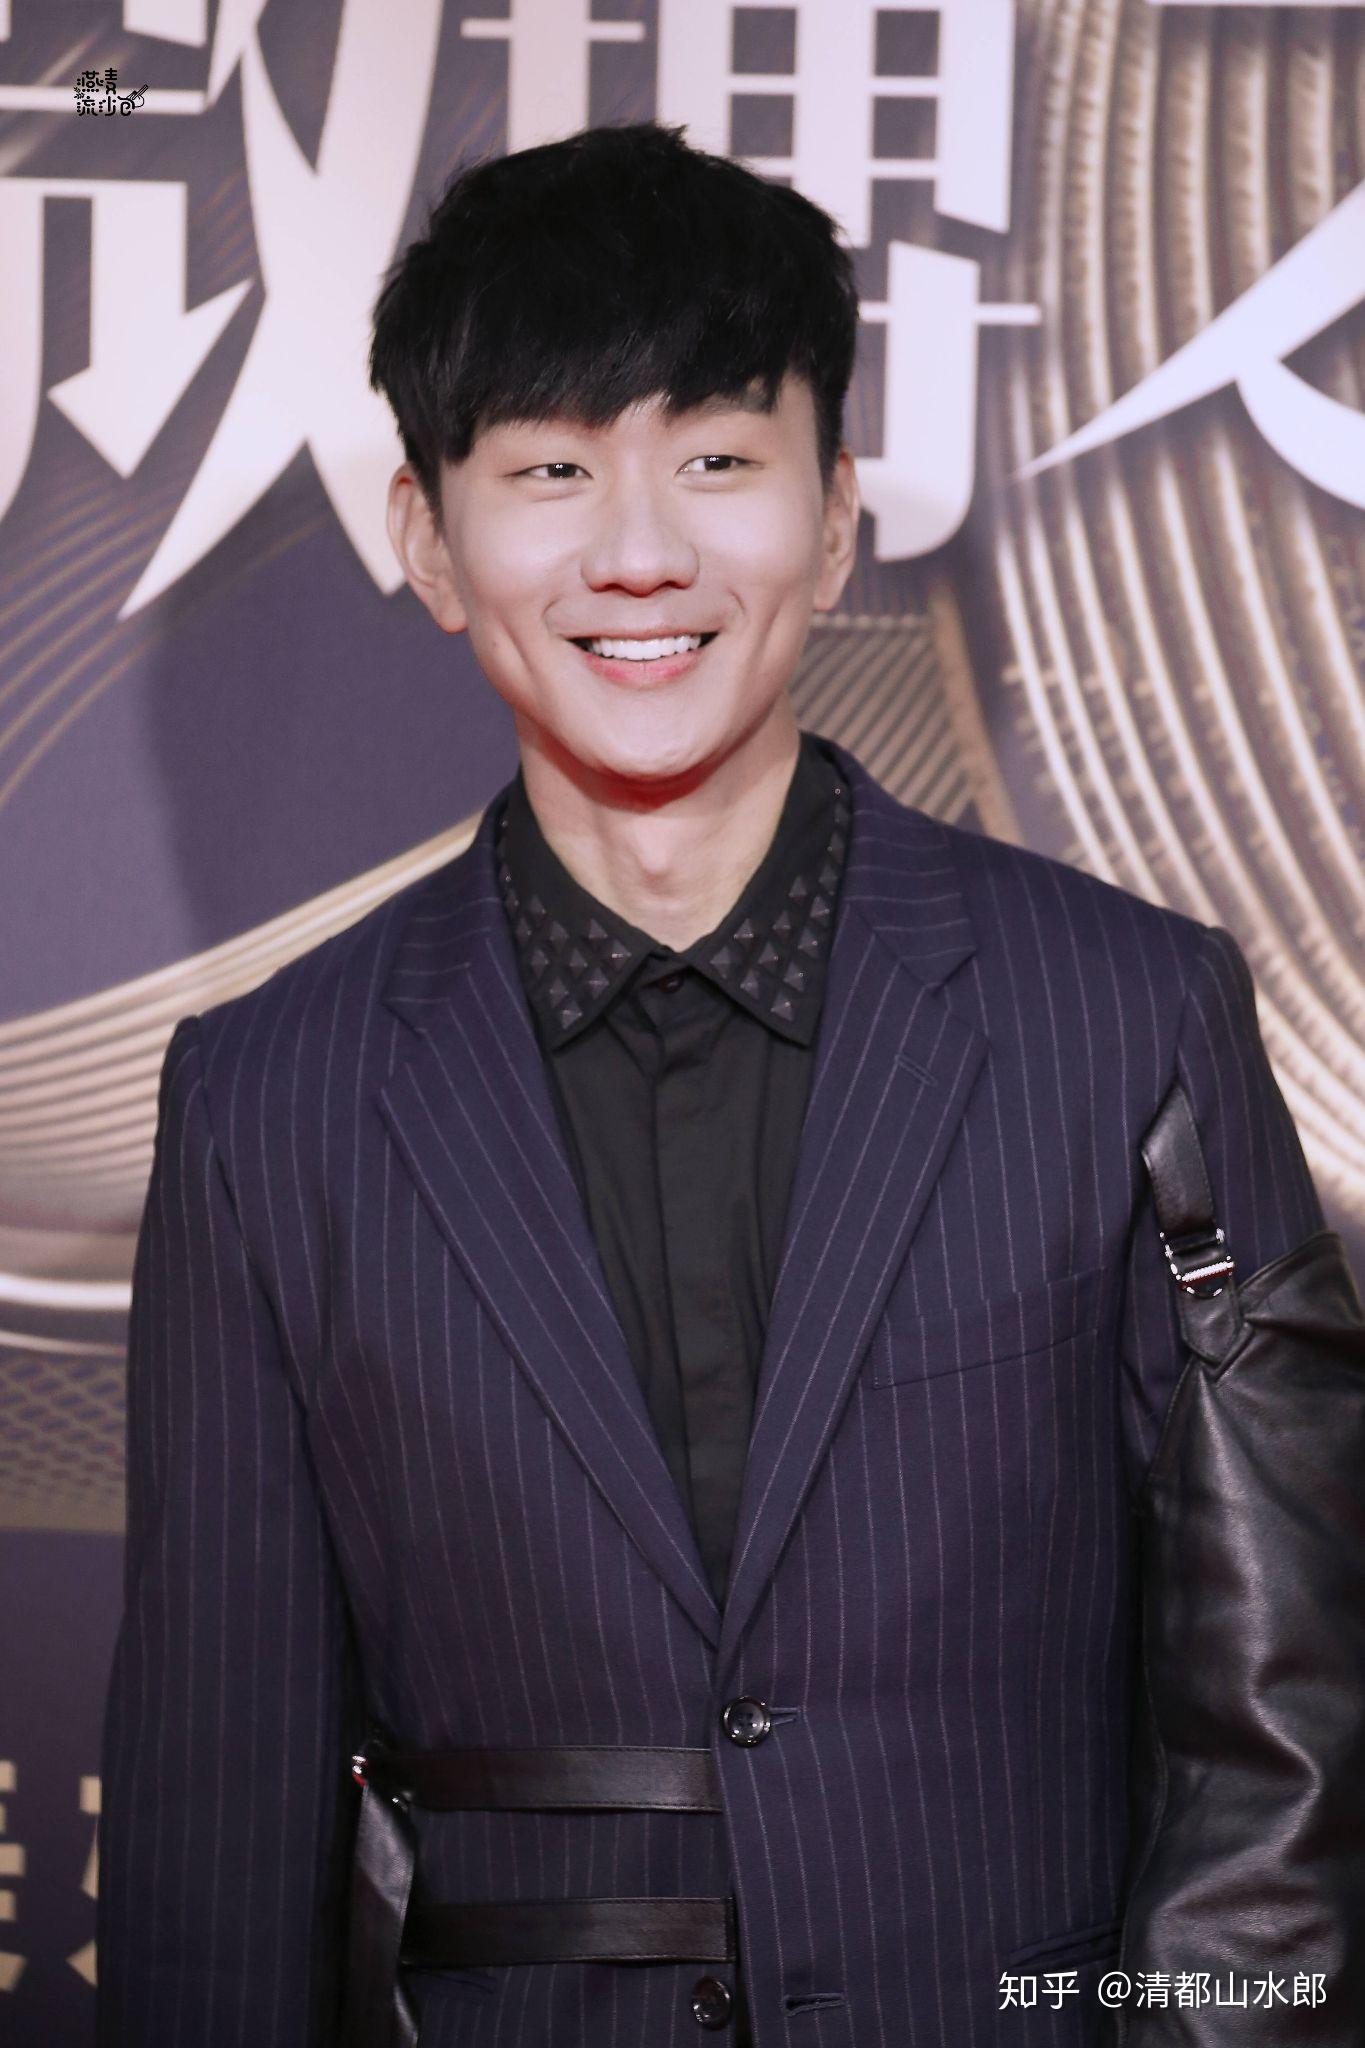 林俊杰帅吗?